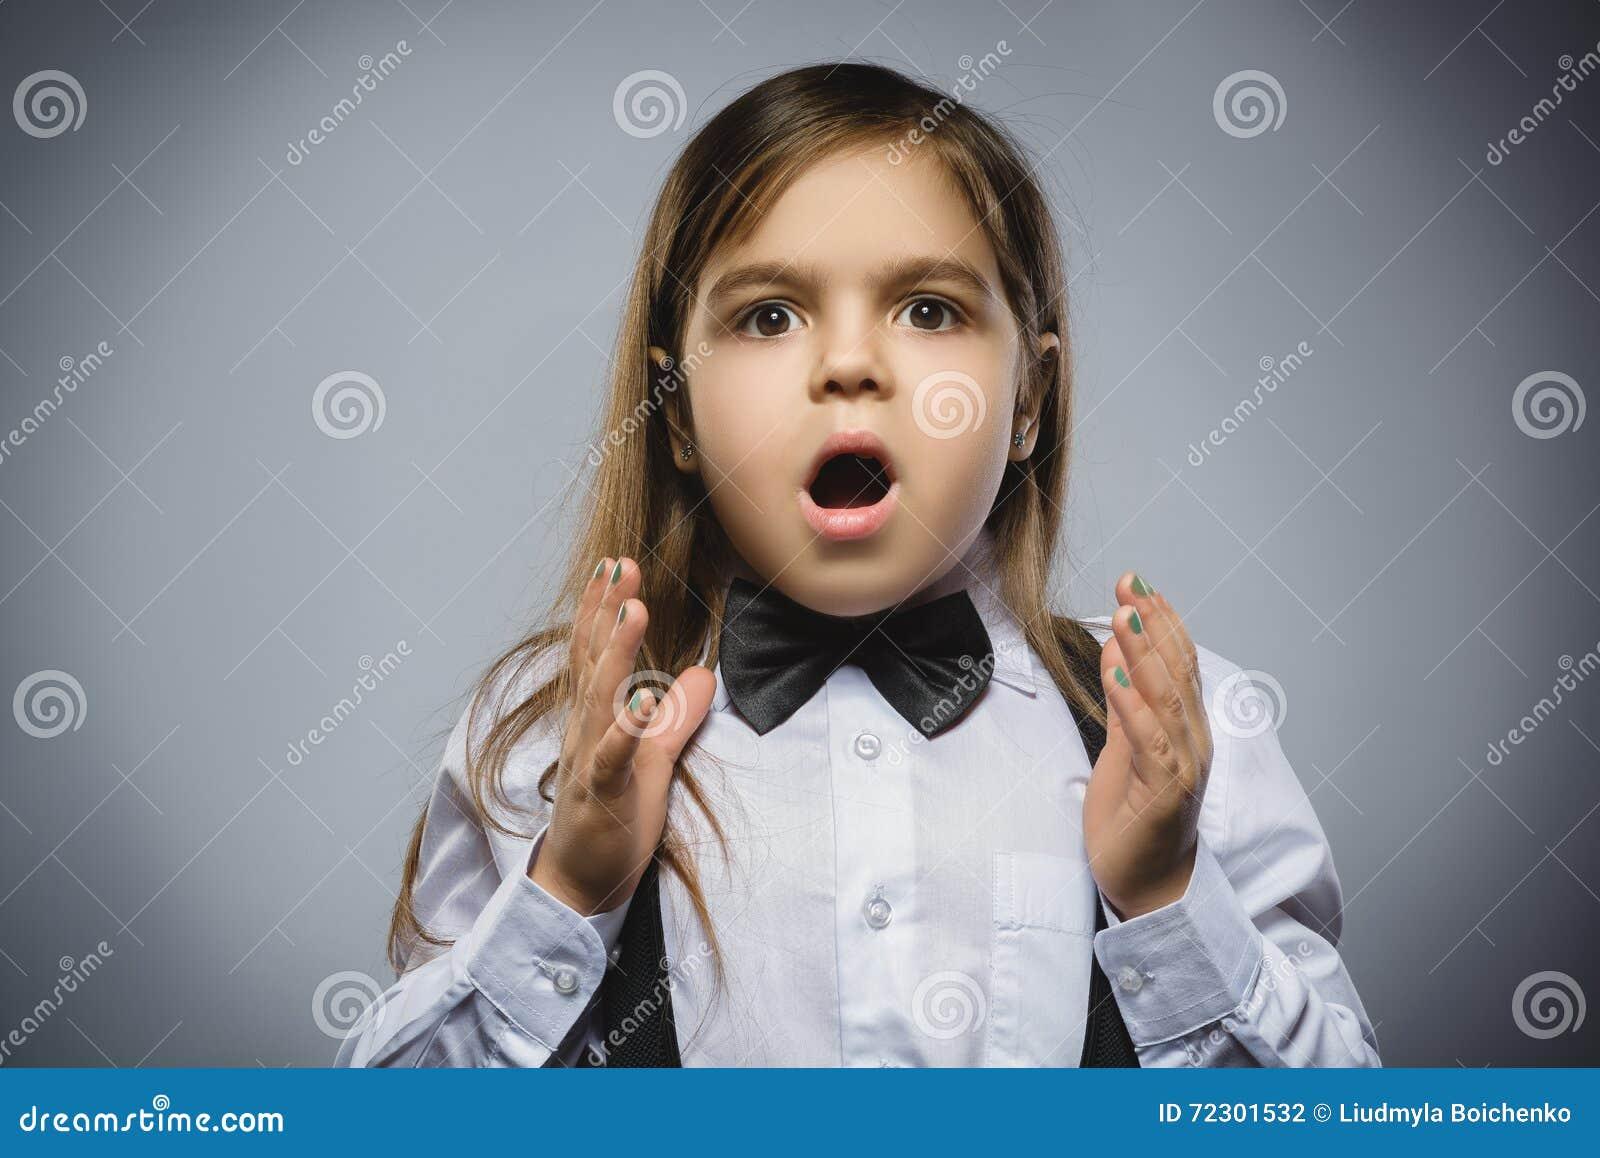 Retrato do close up da menina considerável com expressão surpreendida ao estar contra o fundo cinzento